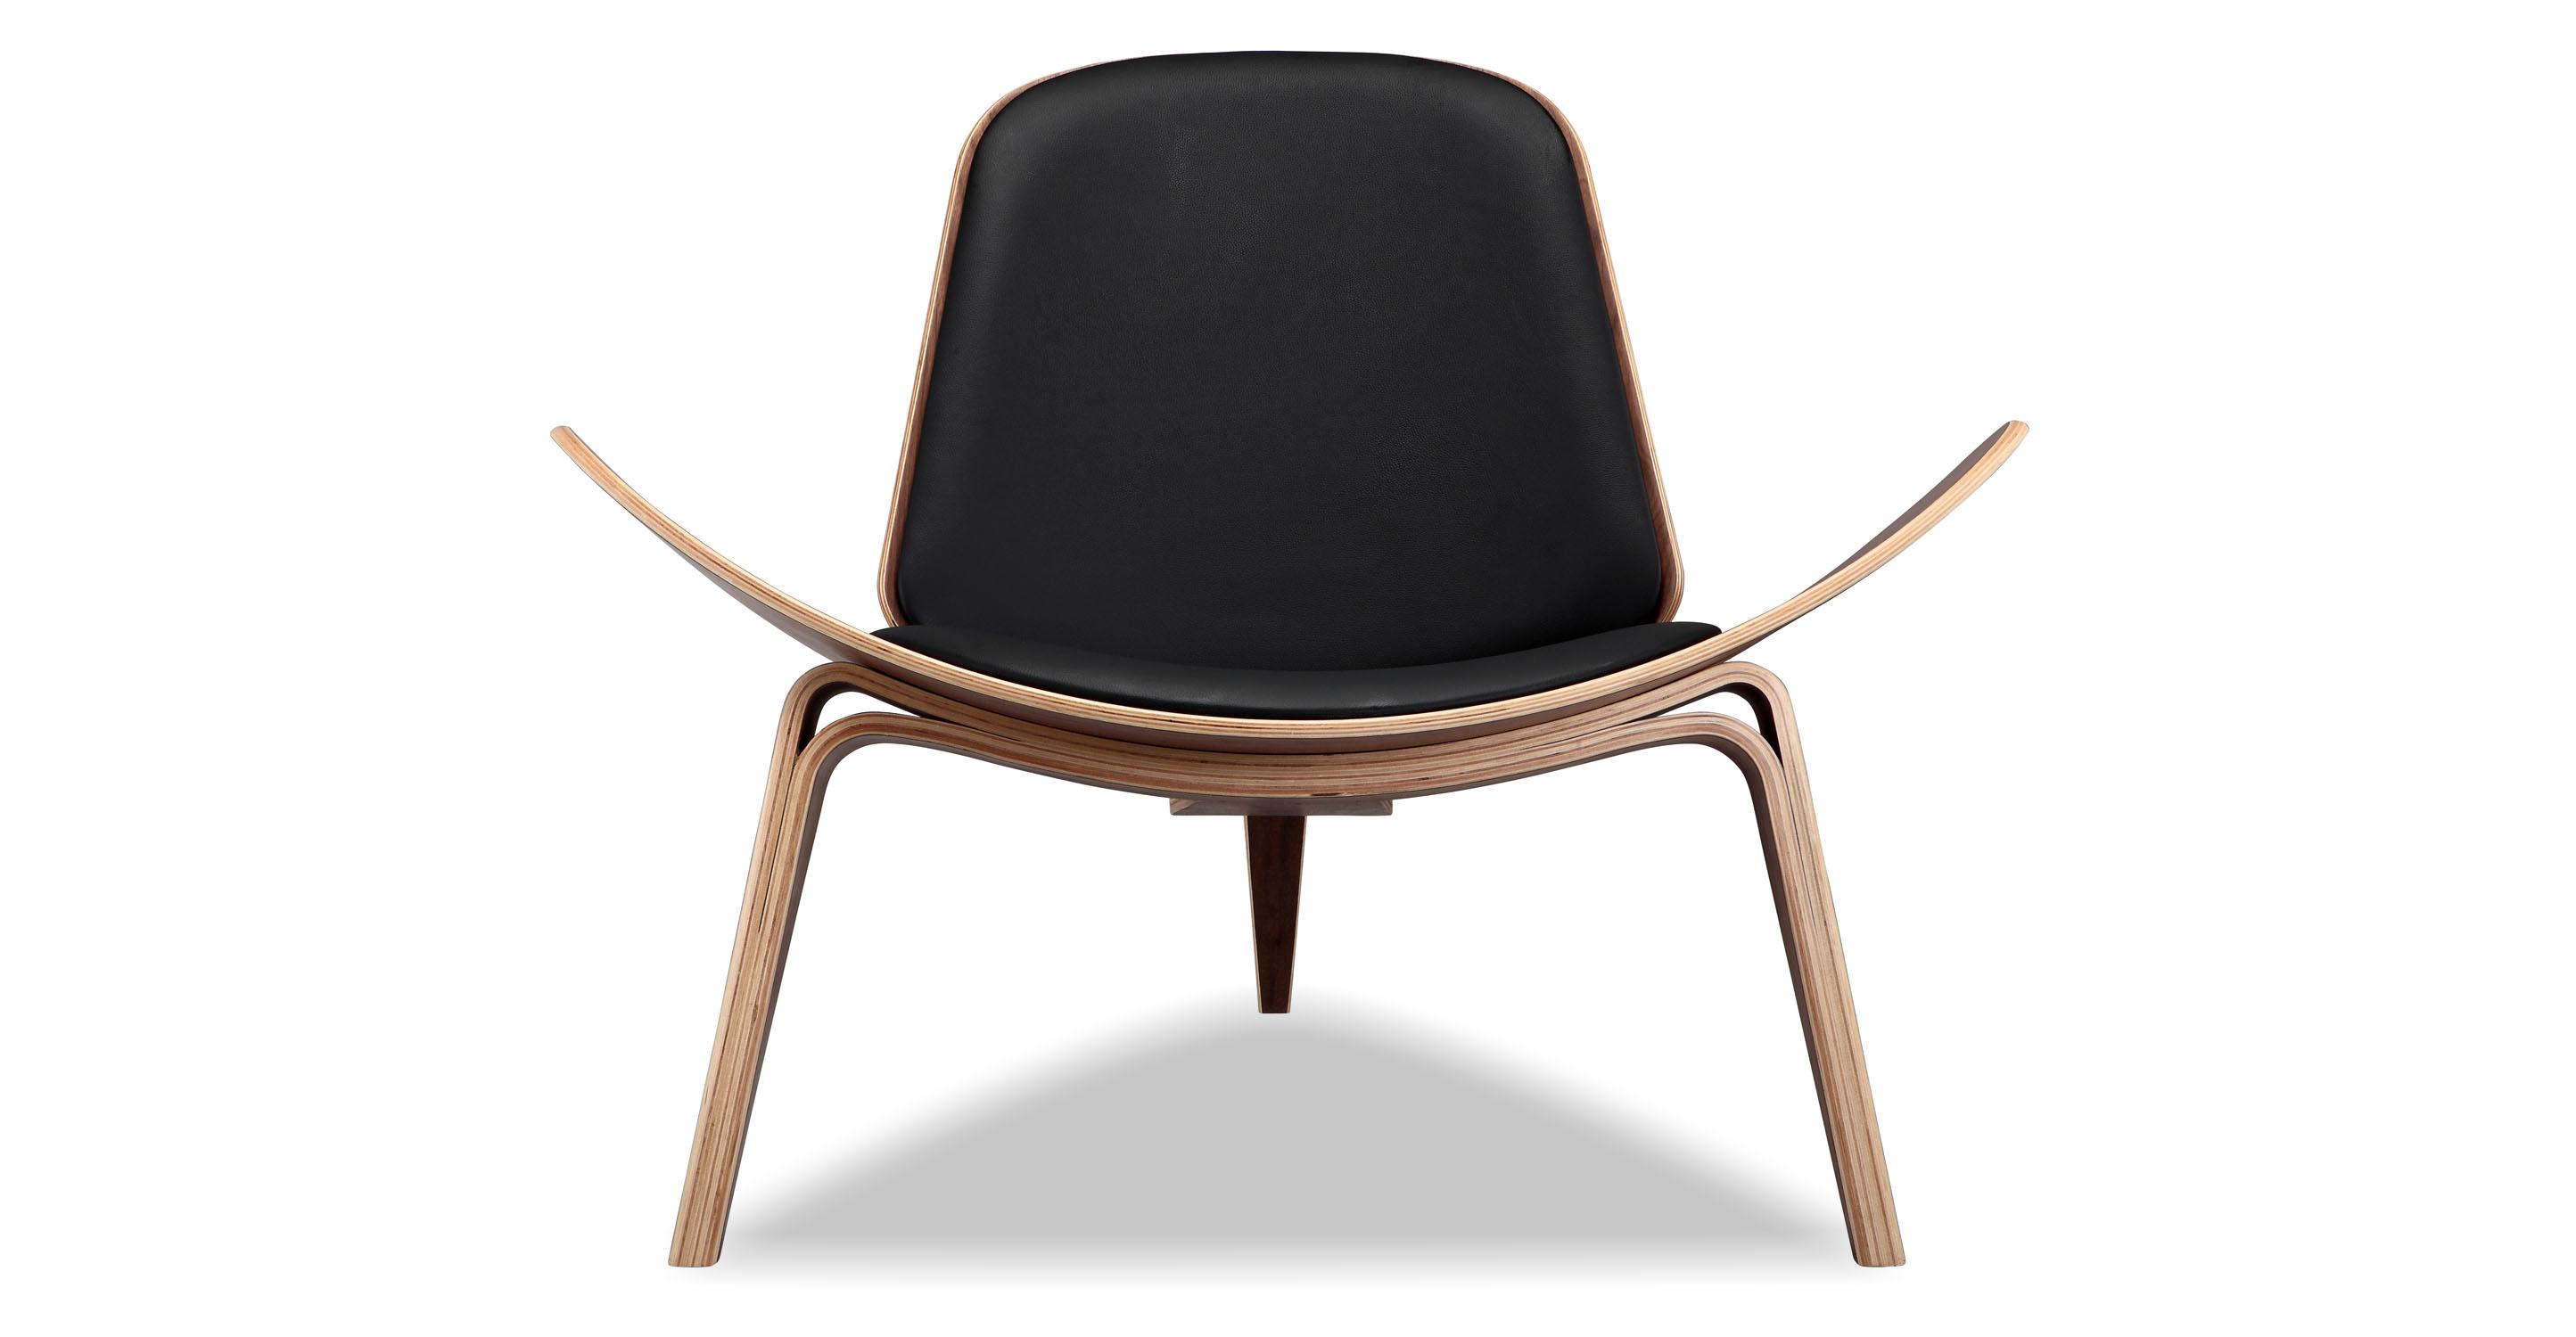 Tripod Leather Chair 2-pc Set, Walnut/Black Italian